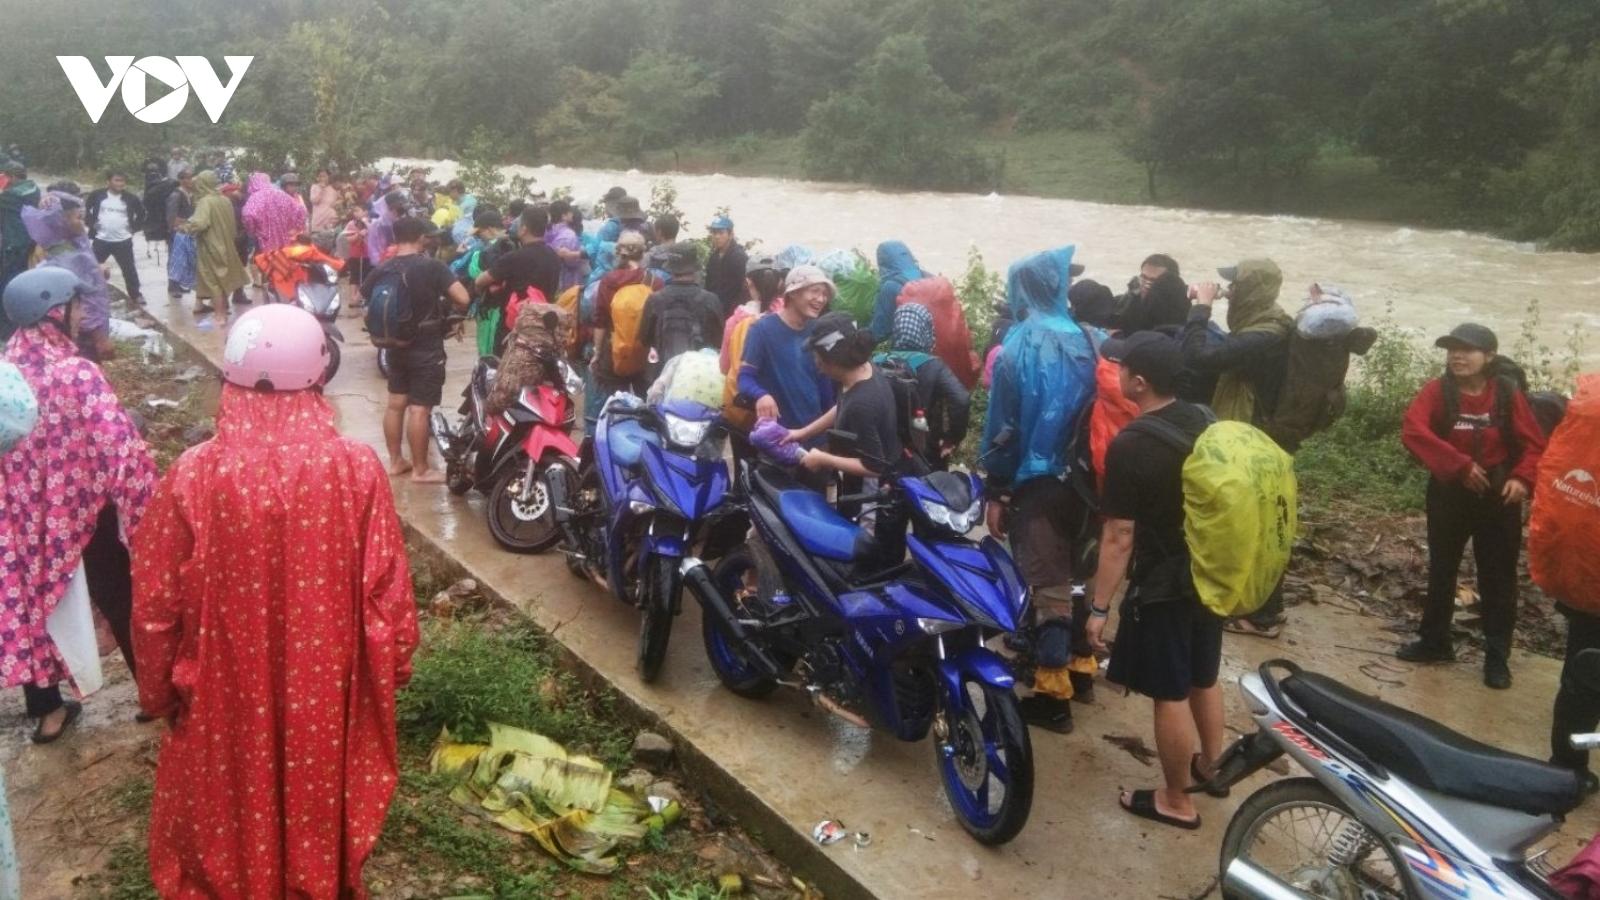 Đoàn du khách bị mất liên lạc ở Khánh Hòa đã trở về an toàn